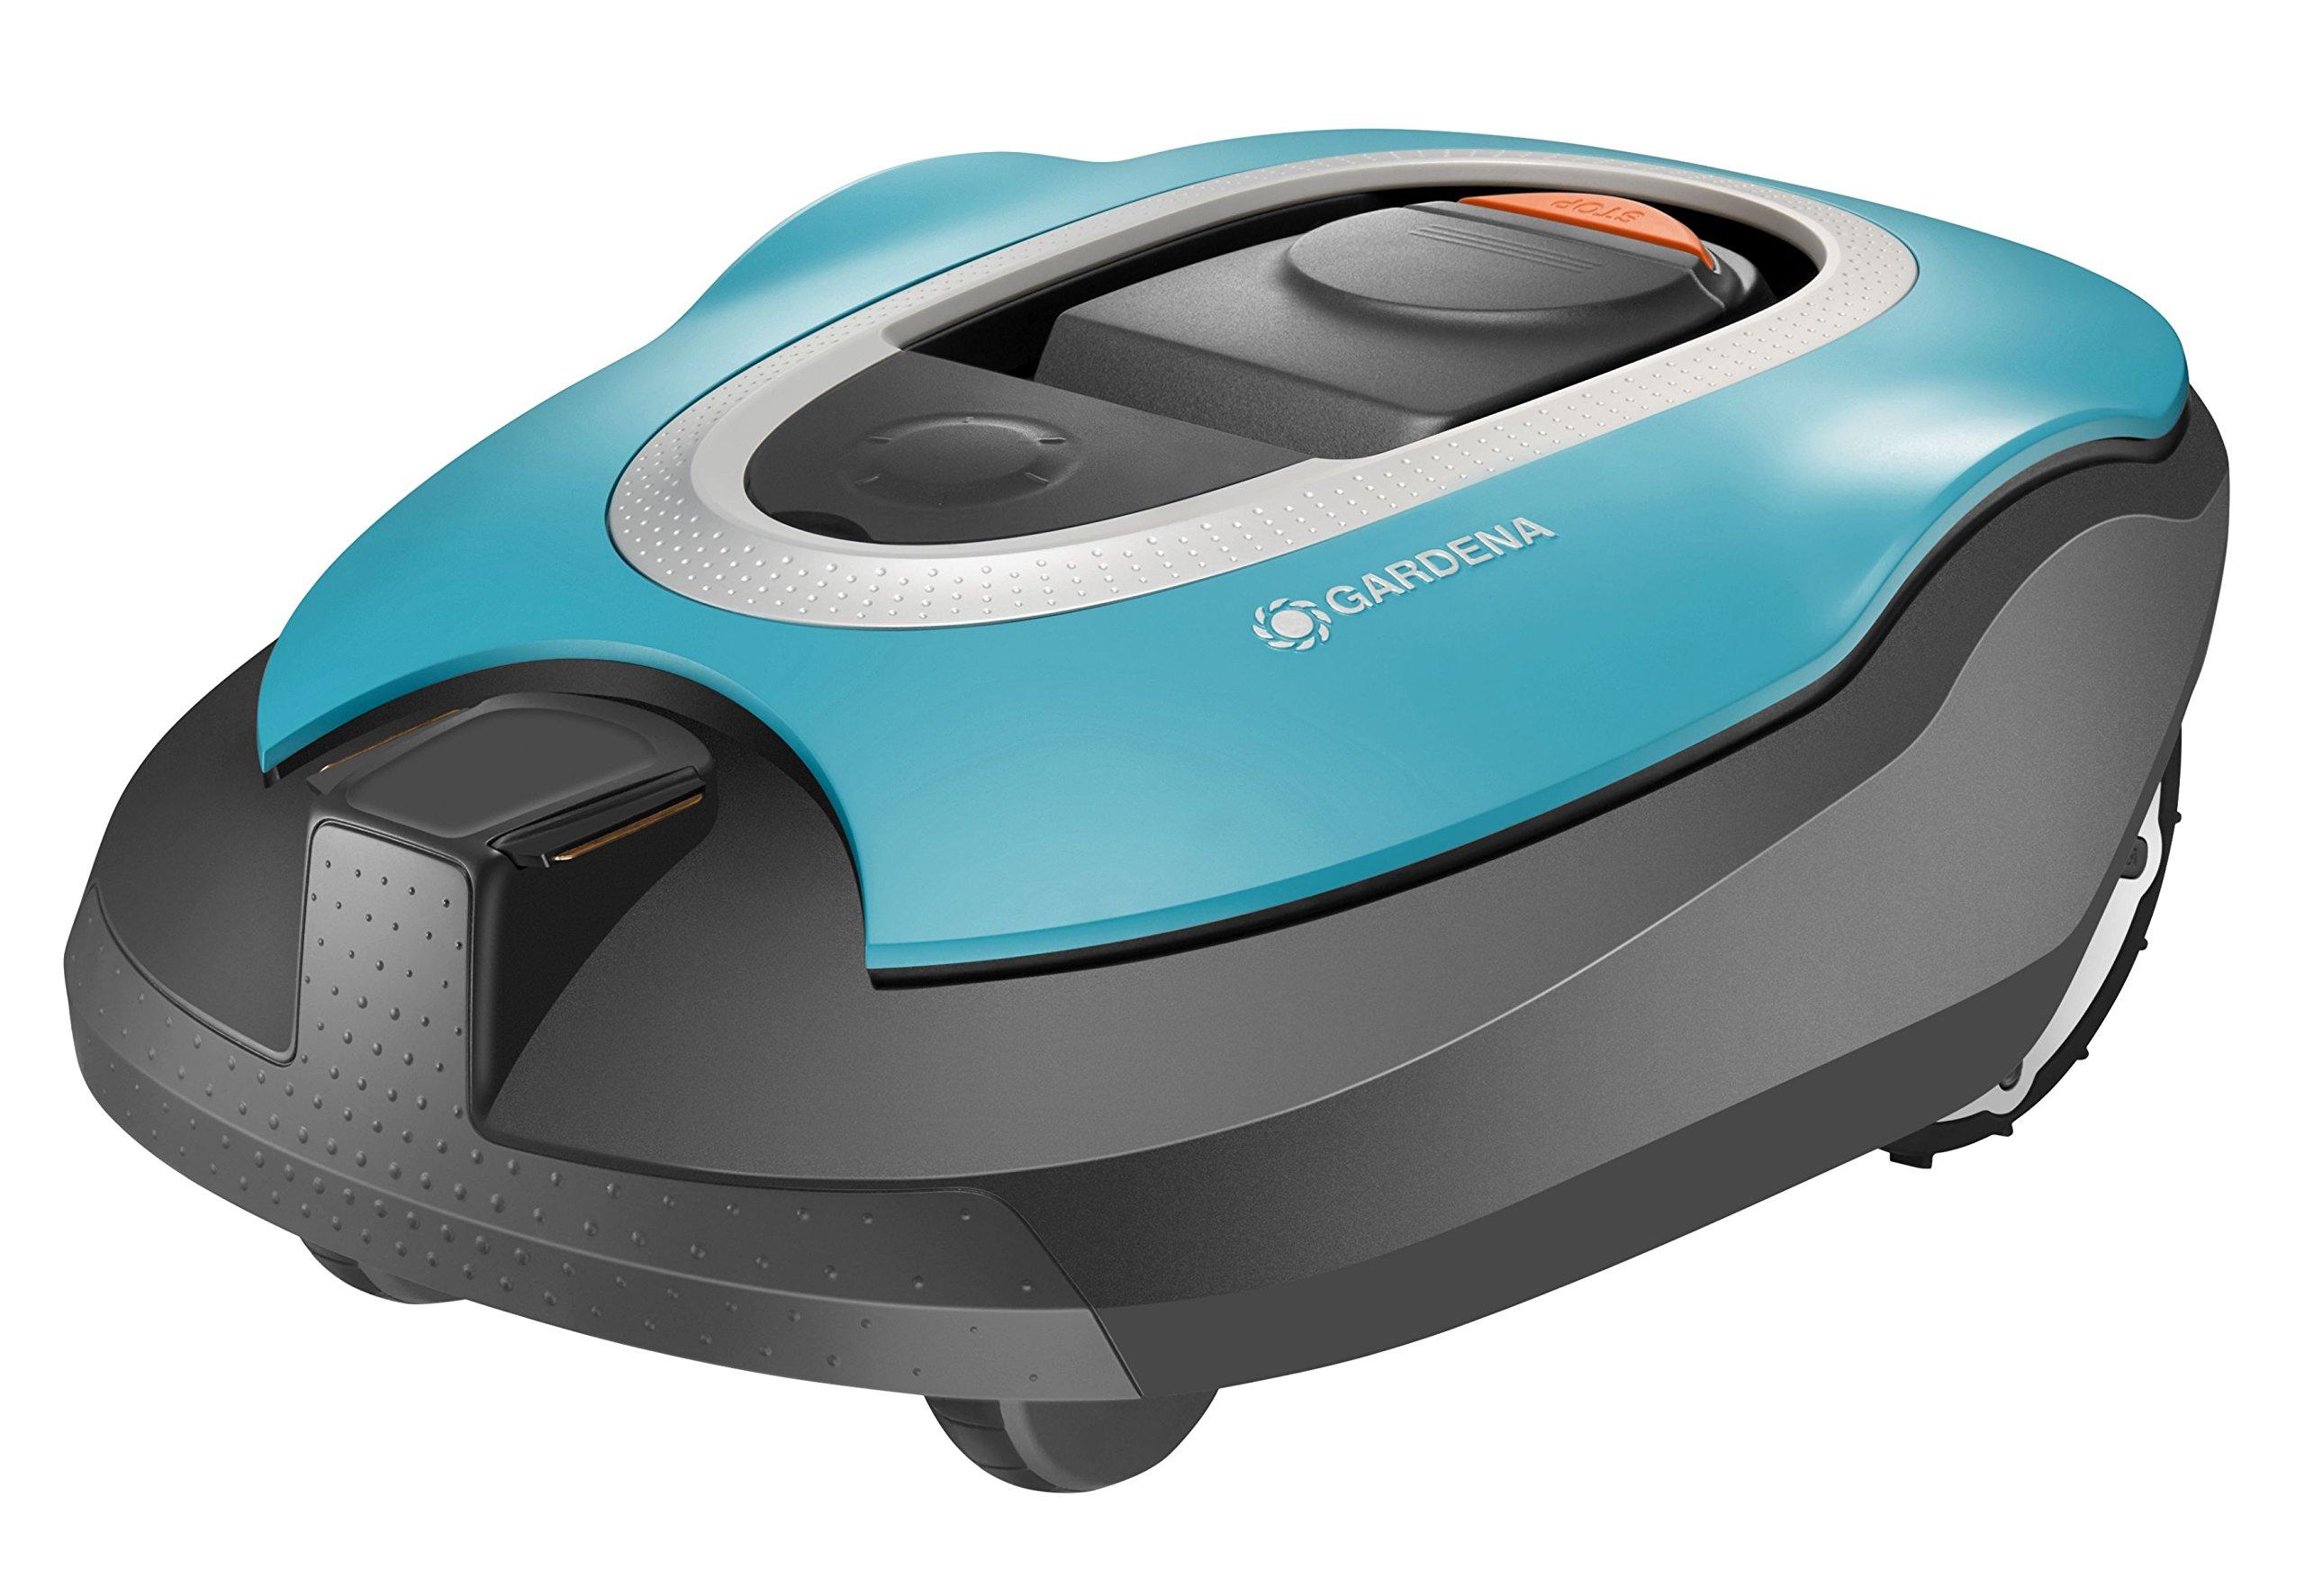 GARDENA-SILENO-Mhroboter-Rasenmher-Roboter-fr-1000-m-Rasenflche-Steigungen-bis-35-Silent-Drive-Motor-bei-Regen-einsetzbar-automatisches-Ladesystem-SensorCut-System-LCD-Display-4052-60